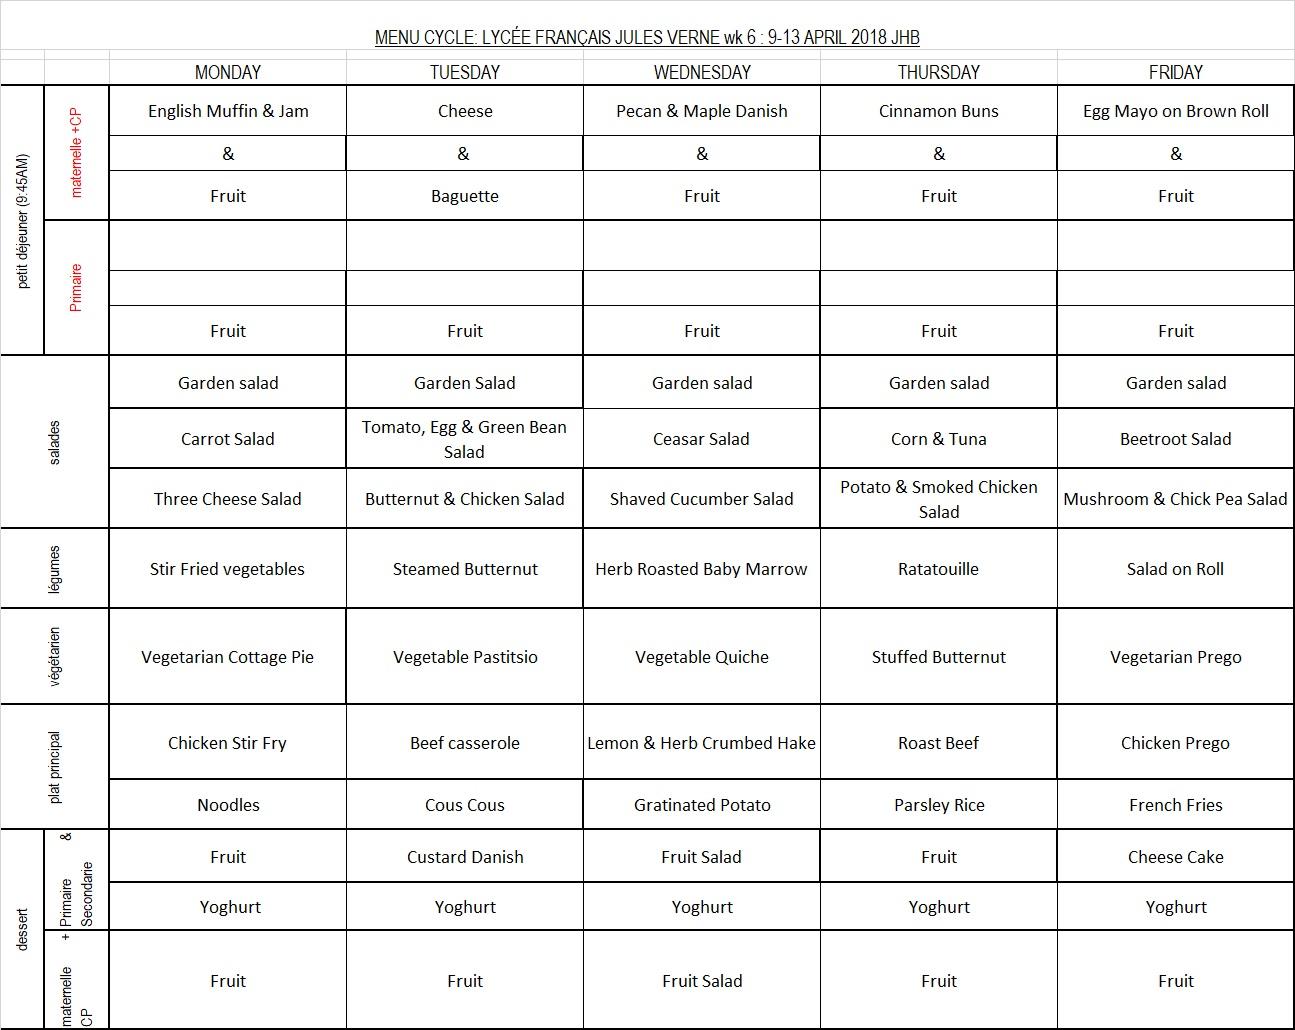 MENU WEEK 6 - JHB - 9 APRIL